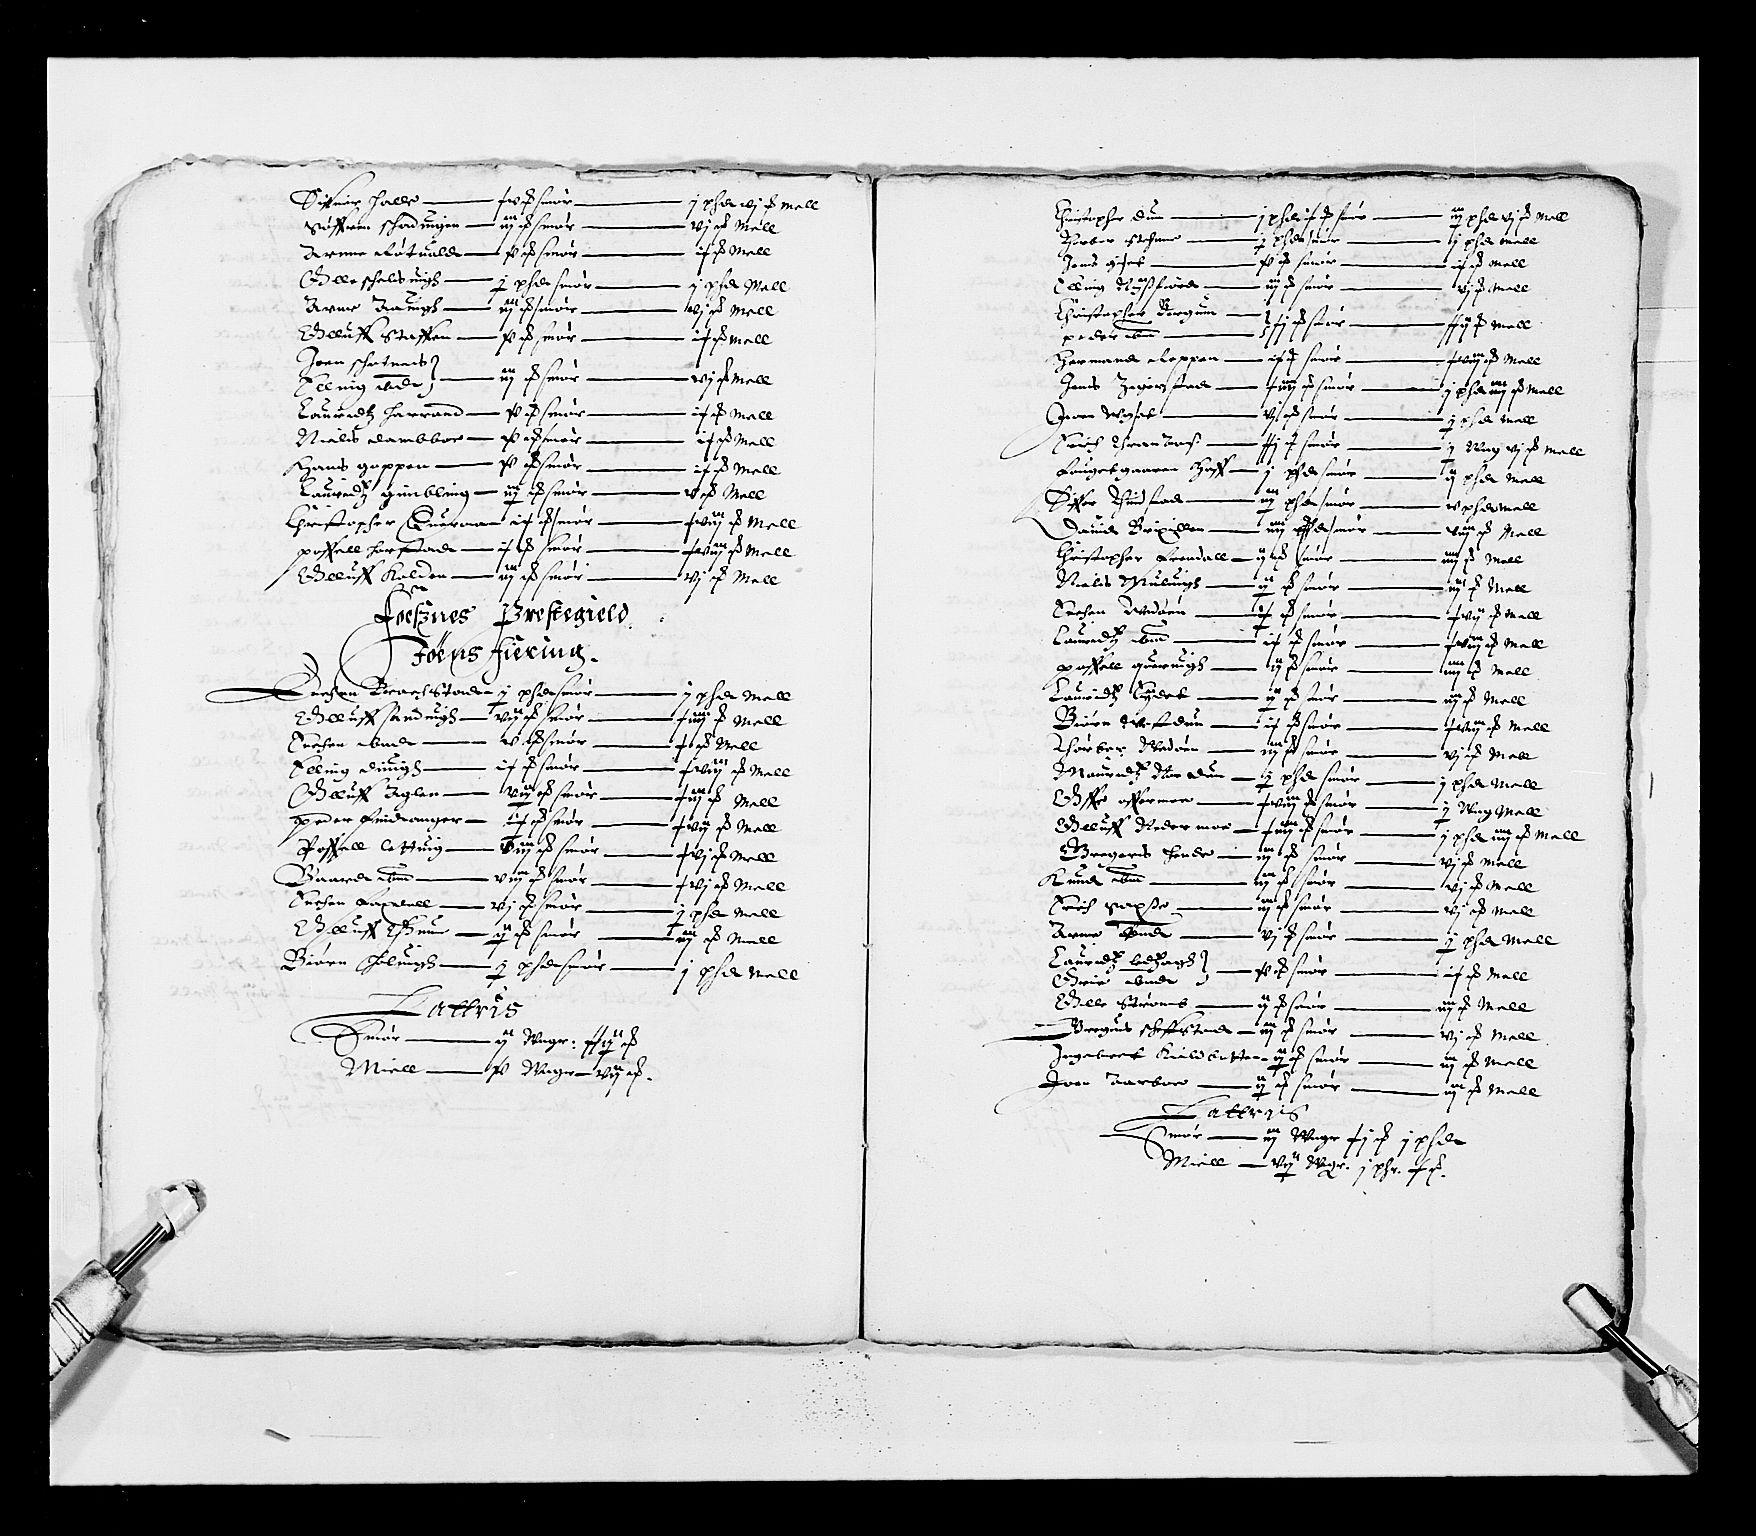 RA, Stattholderembetet 1572-1771, Ek/L0028: Jordebøker 1633-1658:, 1645-1646, s. 87